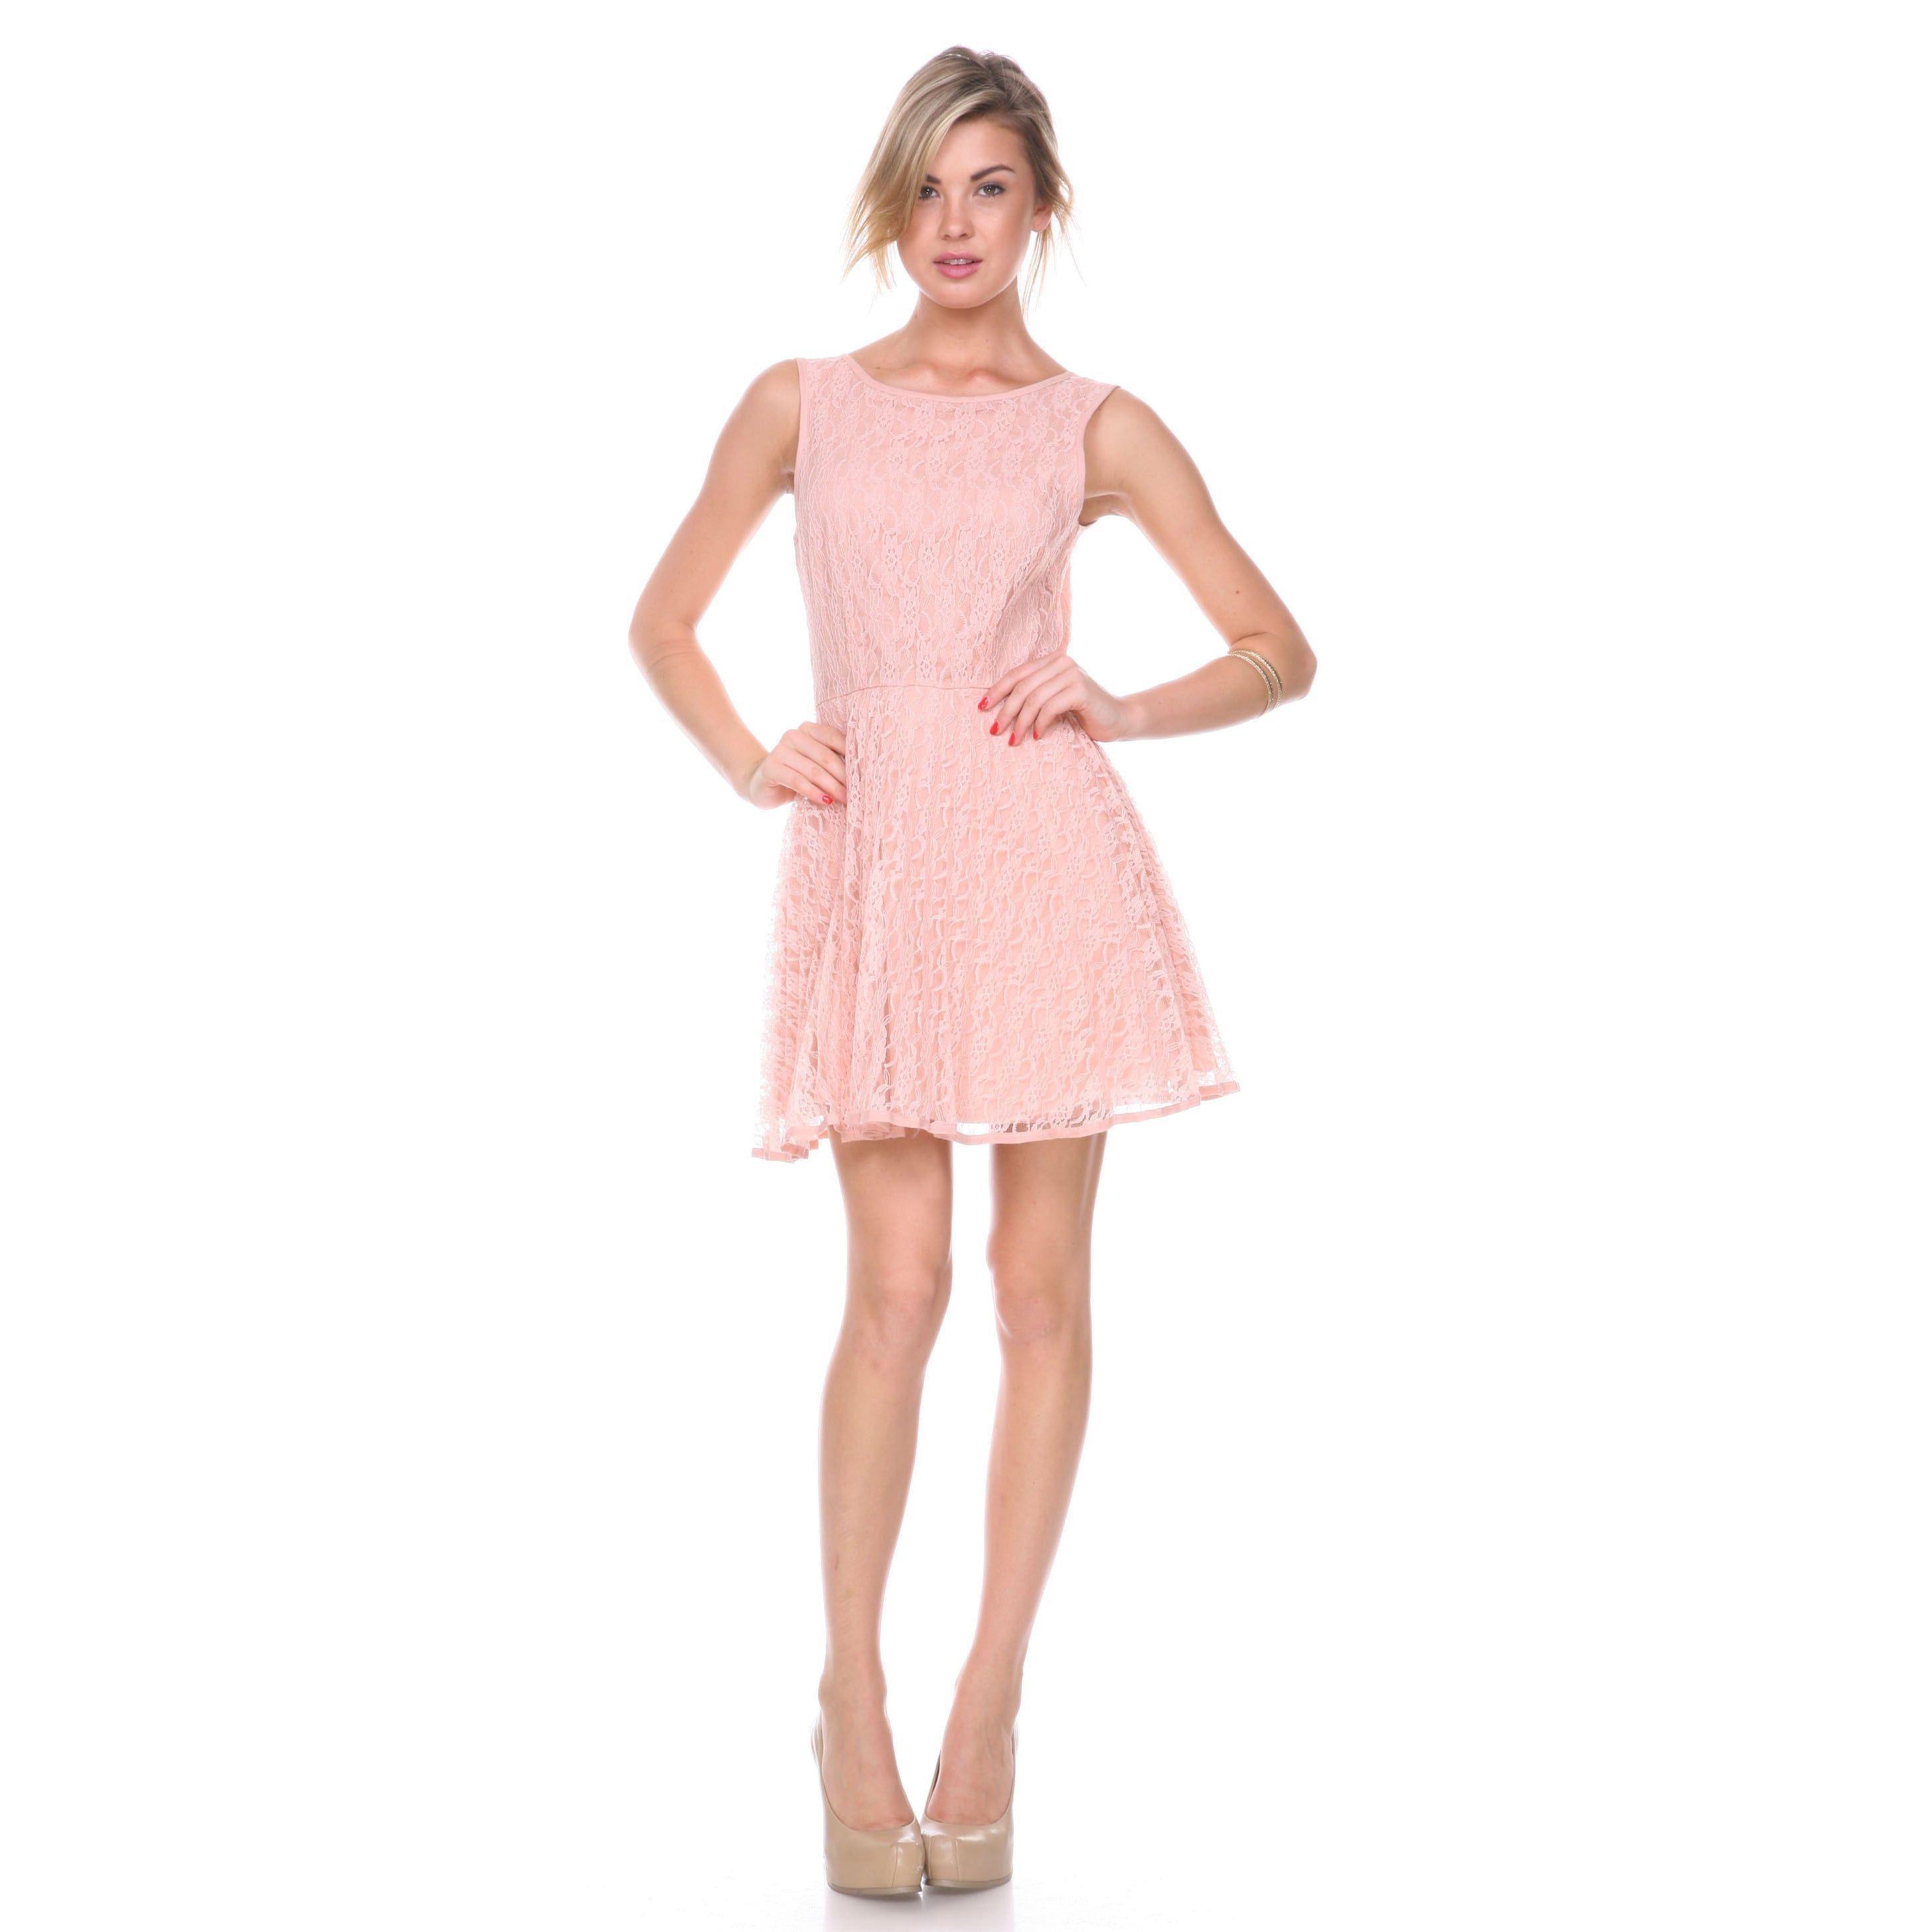 Stanzino Women\'s Sleeveless A line Lace Dress | Products | Pinterest